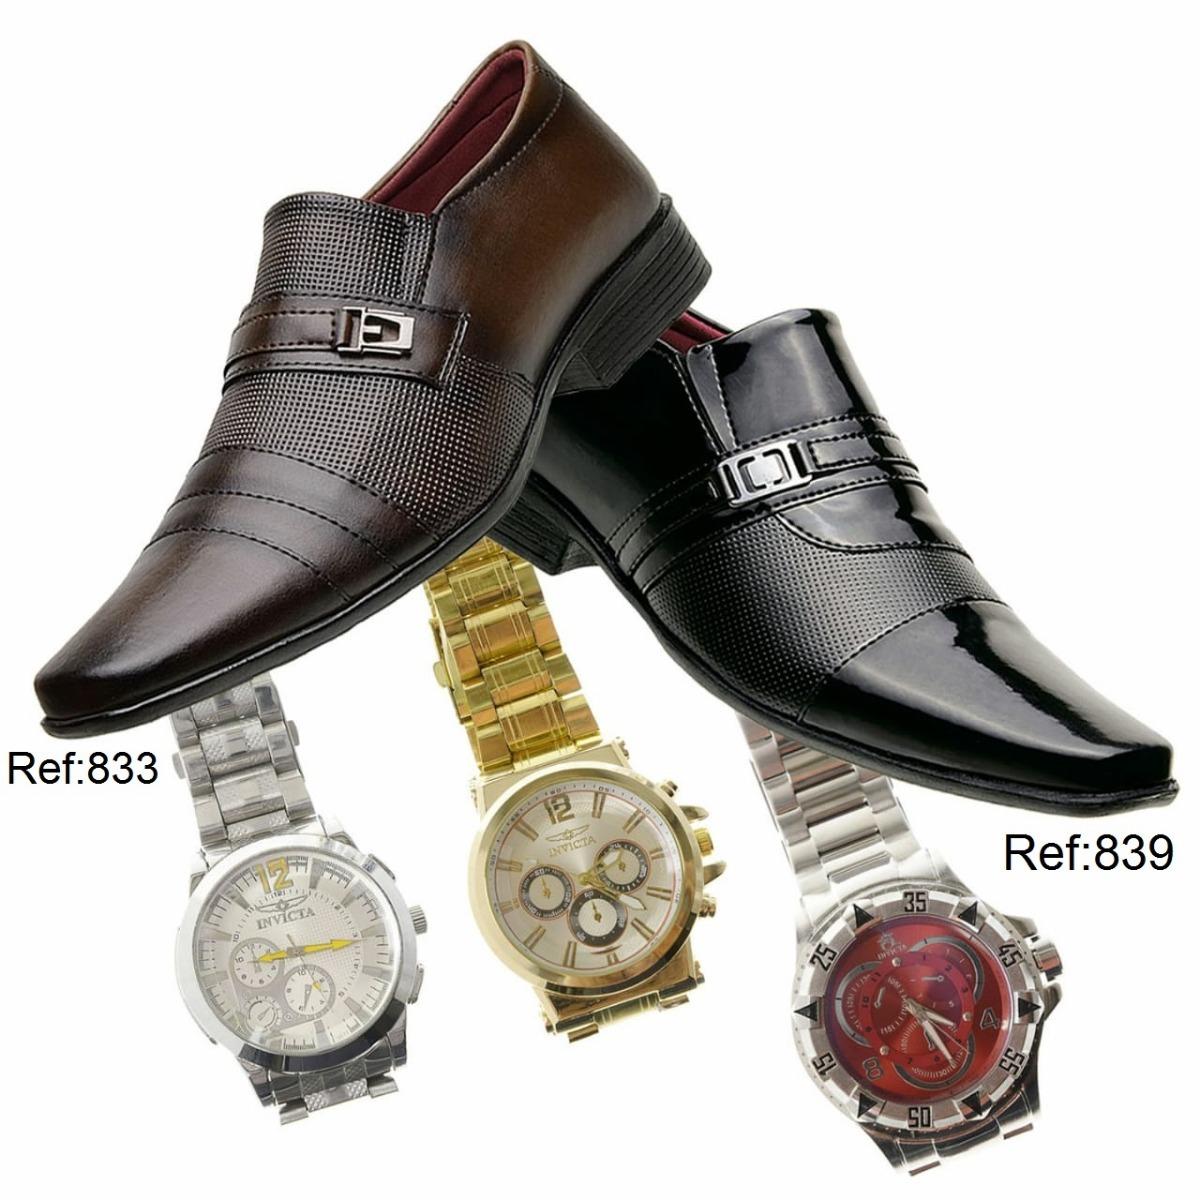 c5d86f583 kit promoção 2 pares sapato social masculino + 1 brinde top. Carregando  zoom.